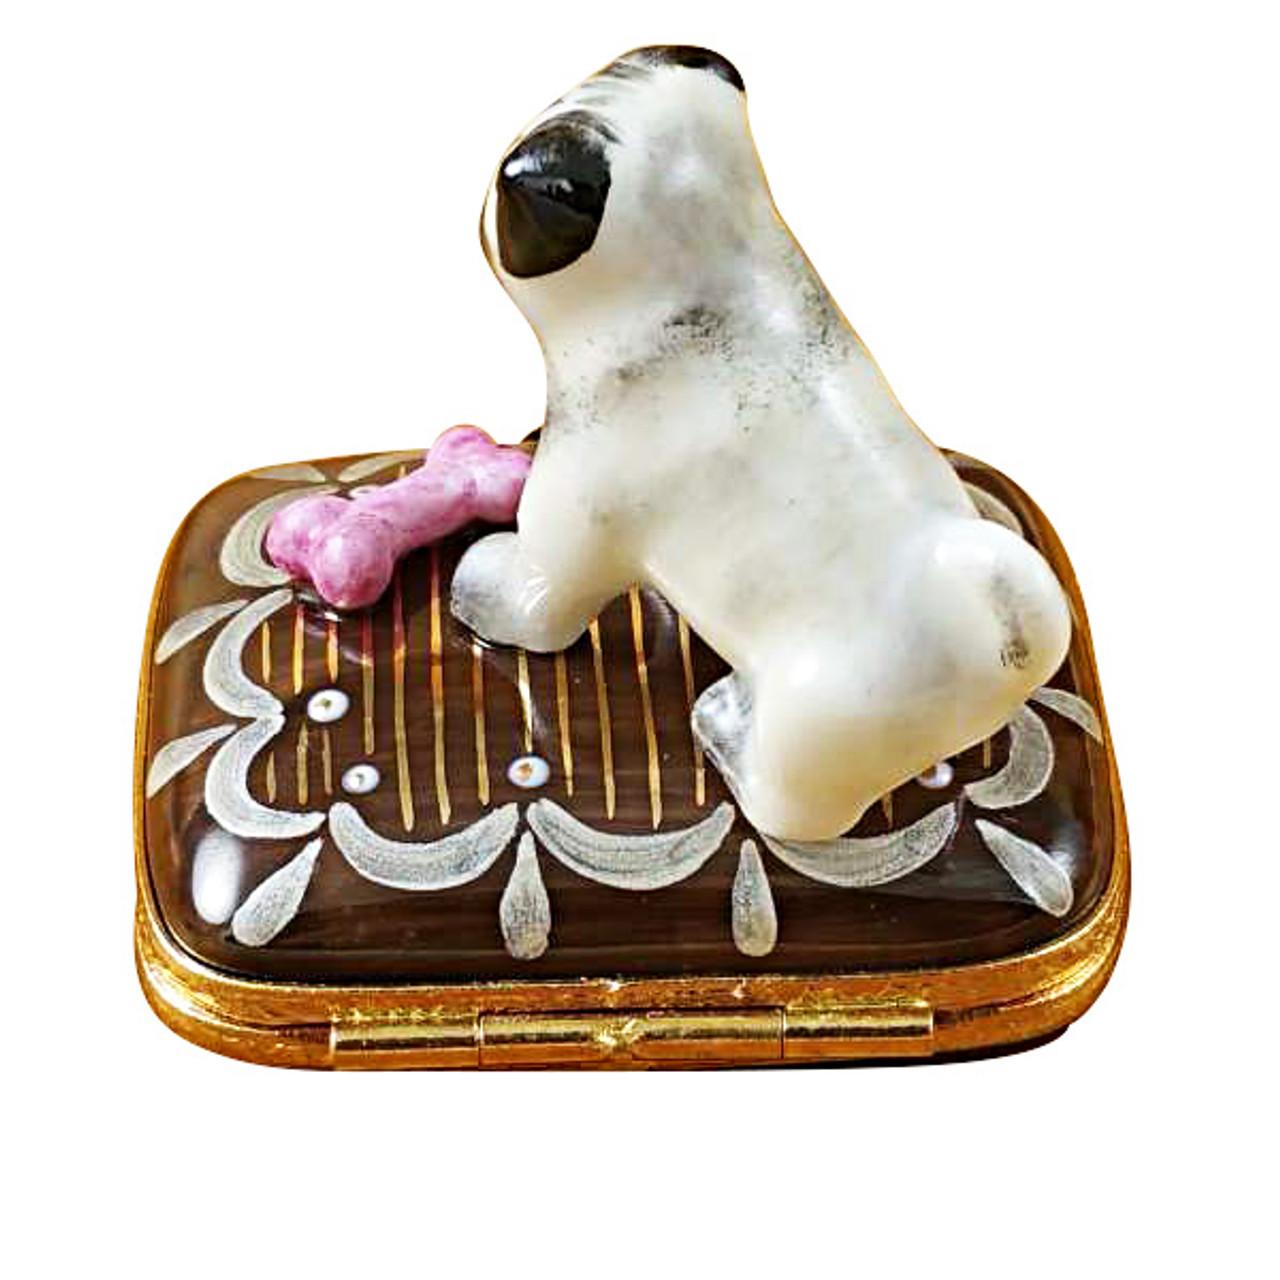 Limoges Imports Pug On Base With Bone Limoges Box